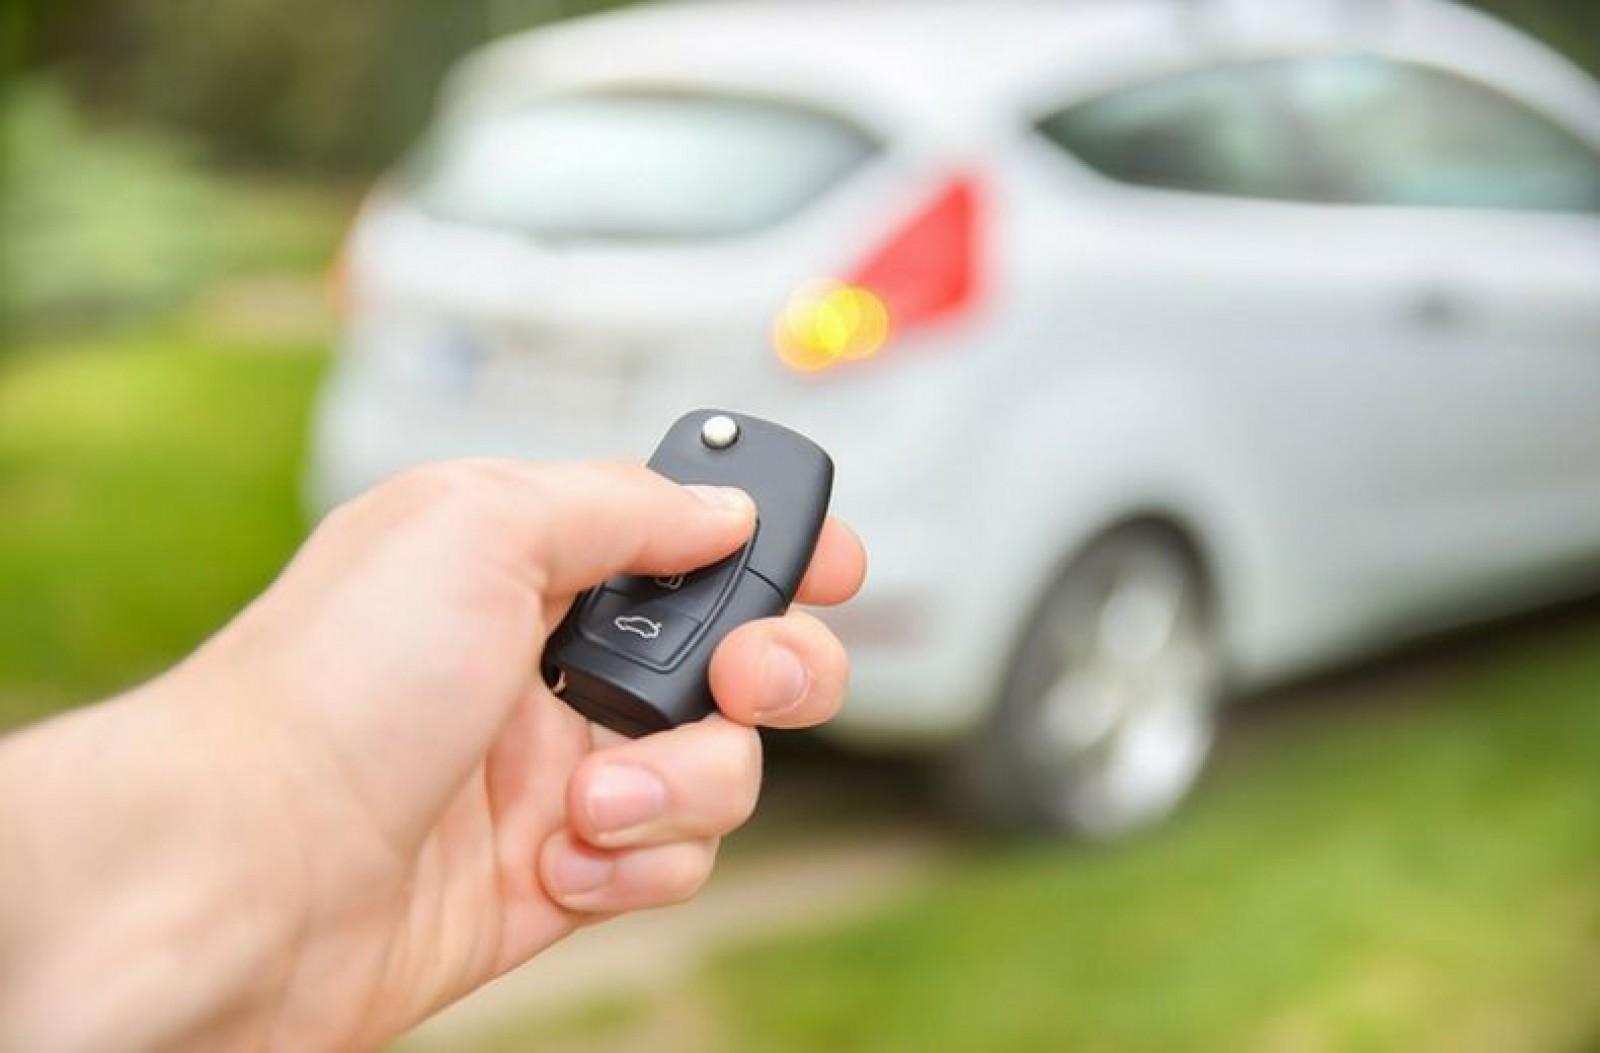 De ce porneşte fără motiv alarma la unele maşini? Cele mai populare argumente